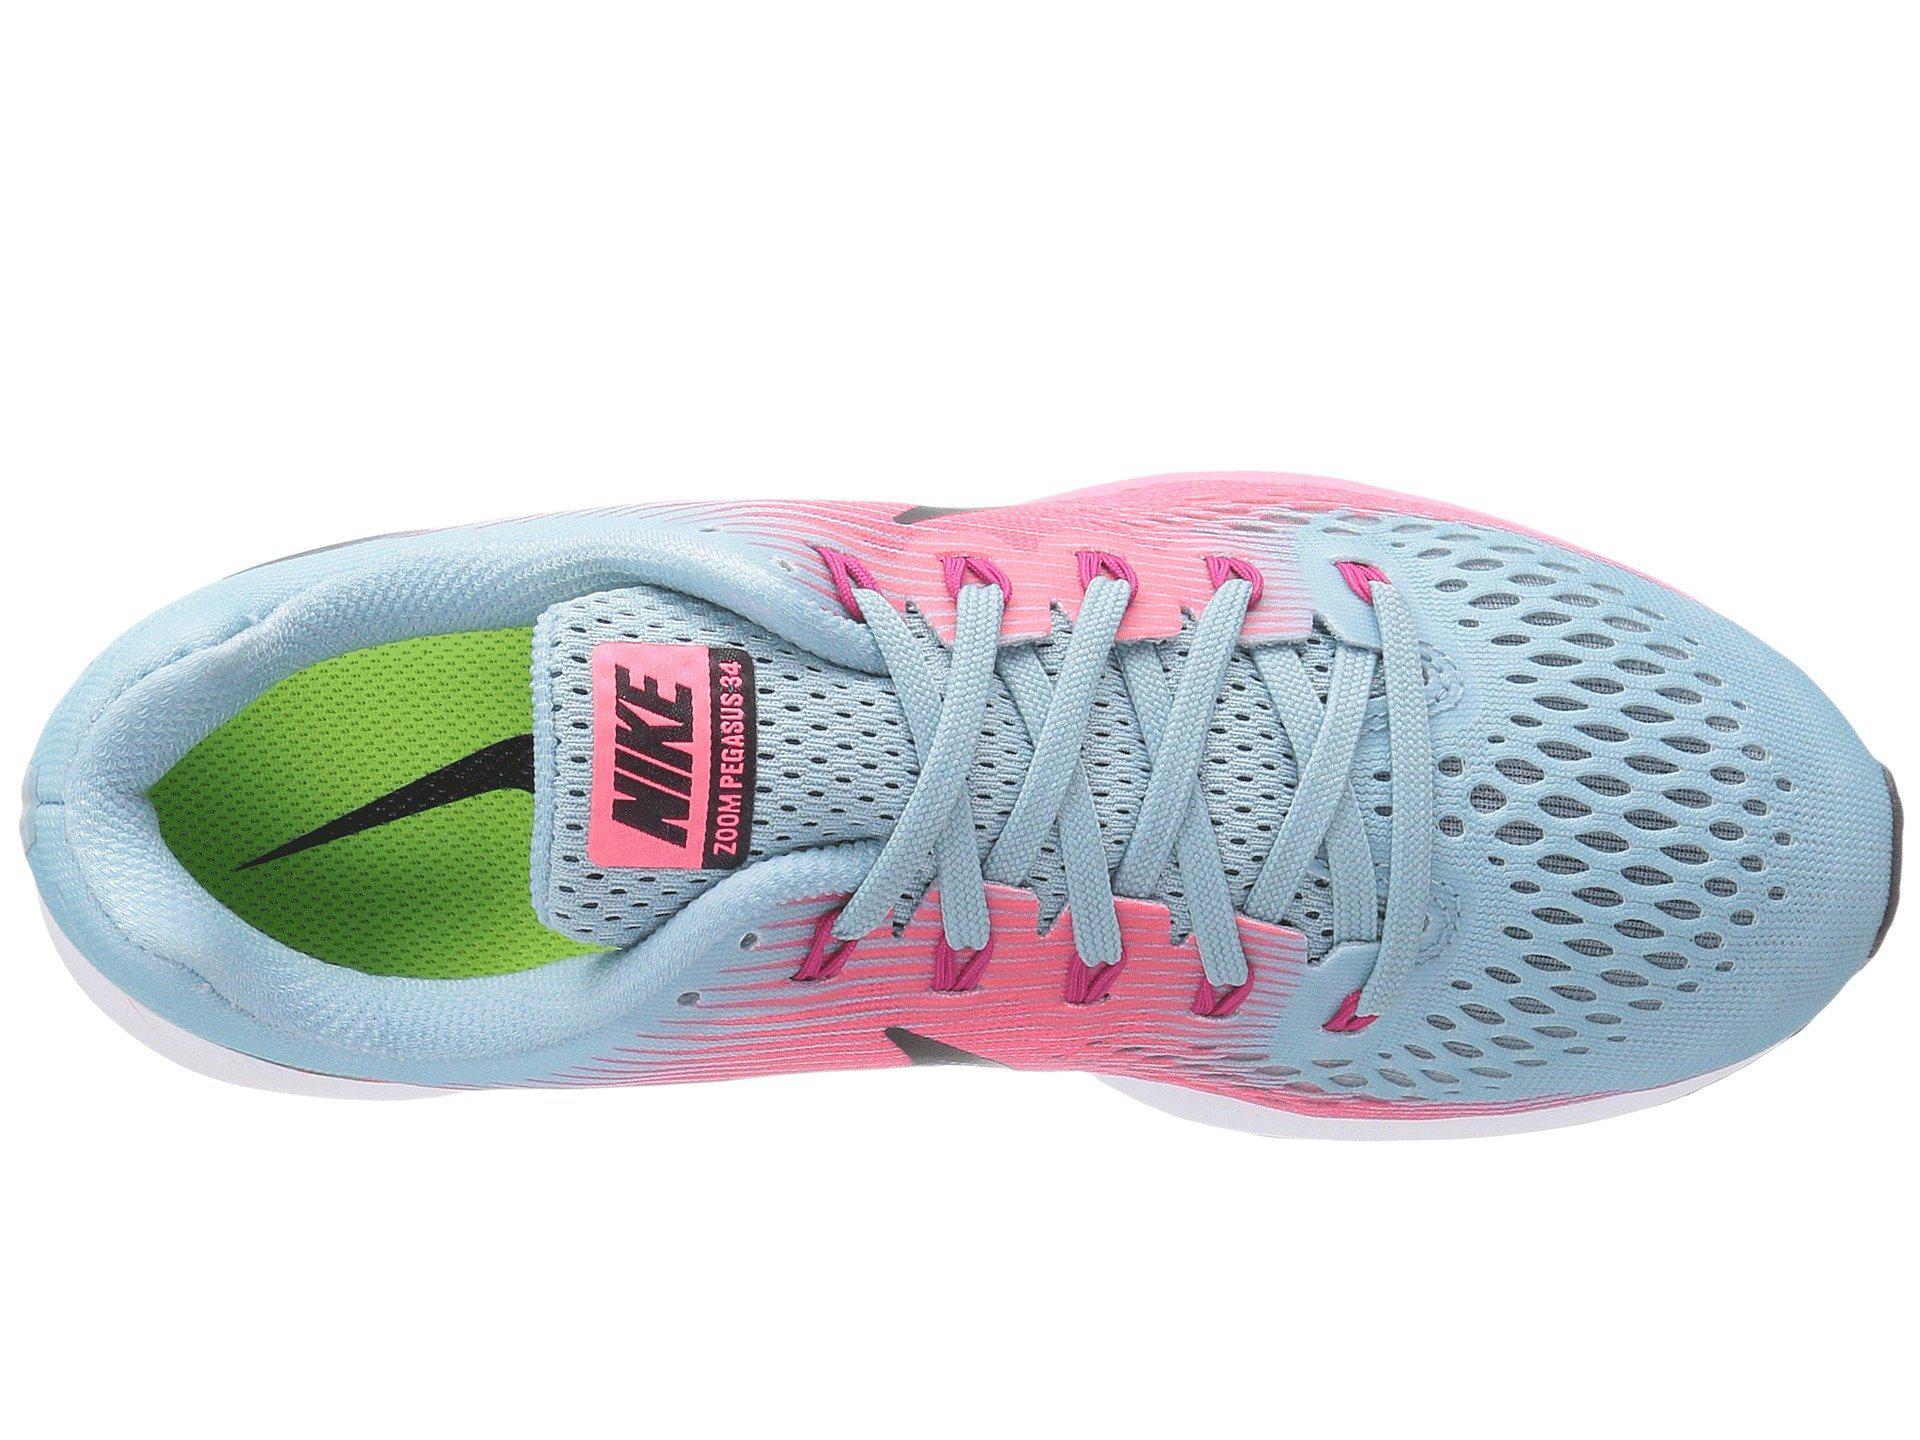 ab619da3518d8 Nike - Multicolor Air Zoom Pegasus 34 - Lyst. View fullscreen